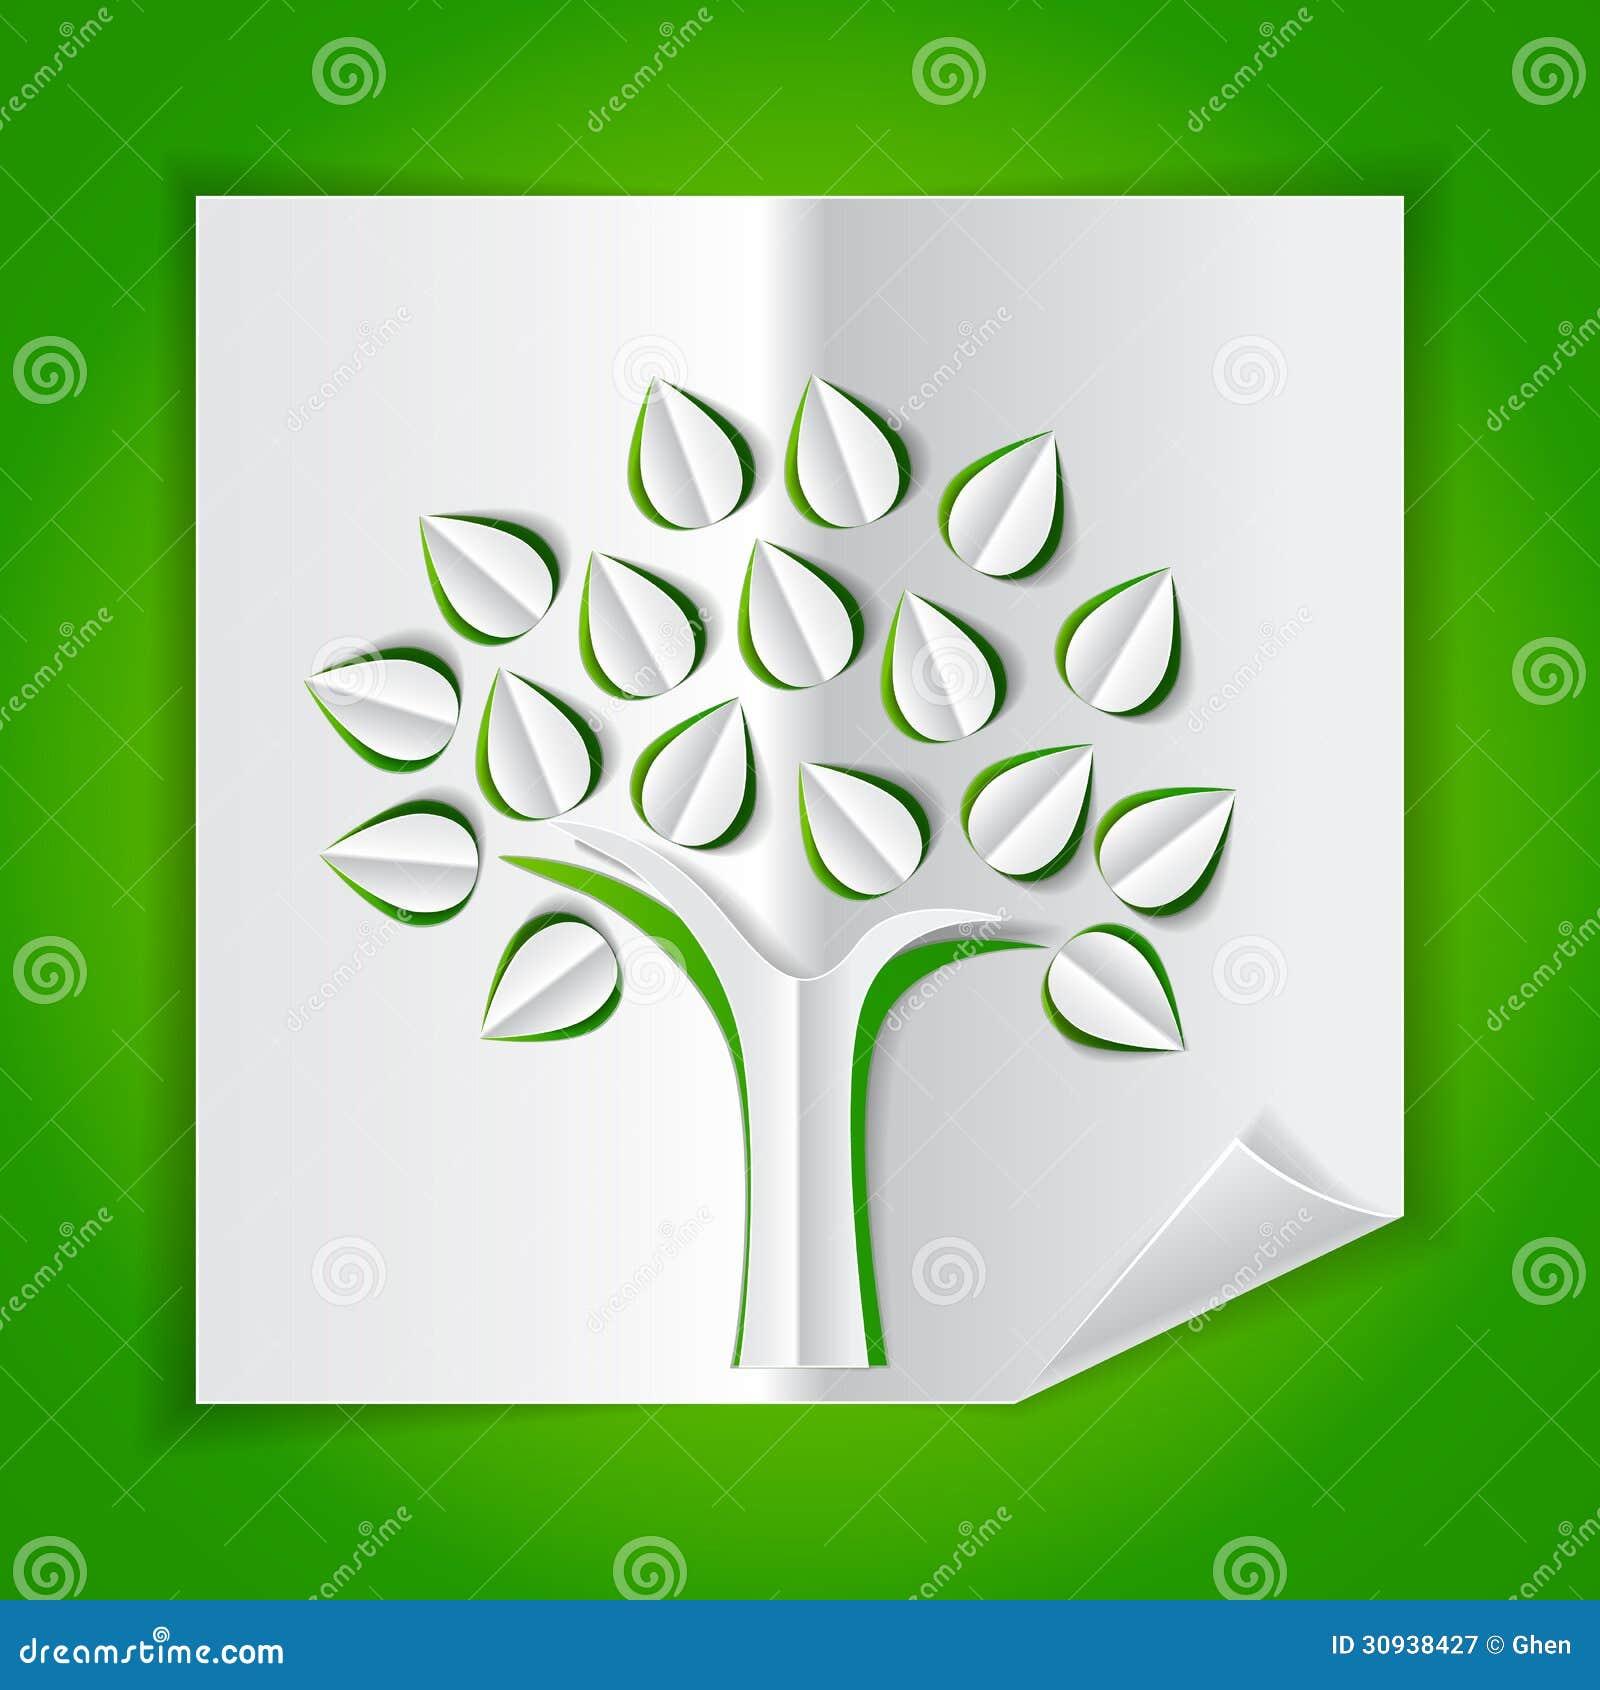 Baum papier gemacht herauszuschneiden vektor abbildung for Bastelanleitung baum aus papier